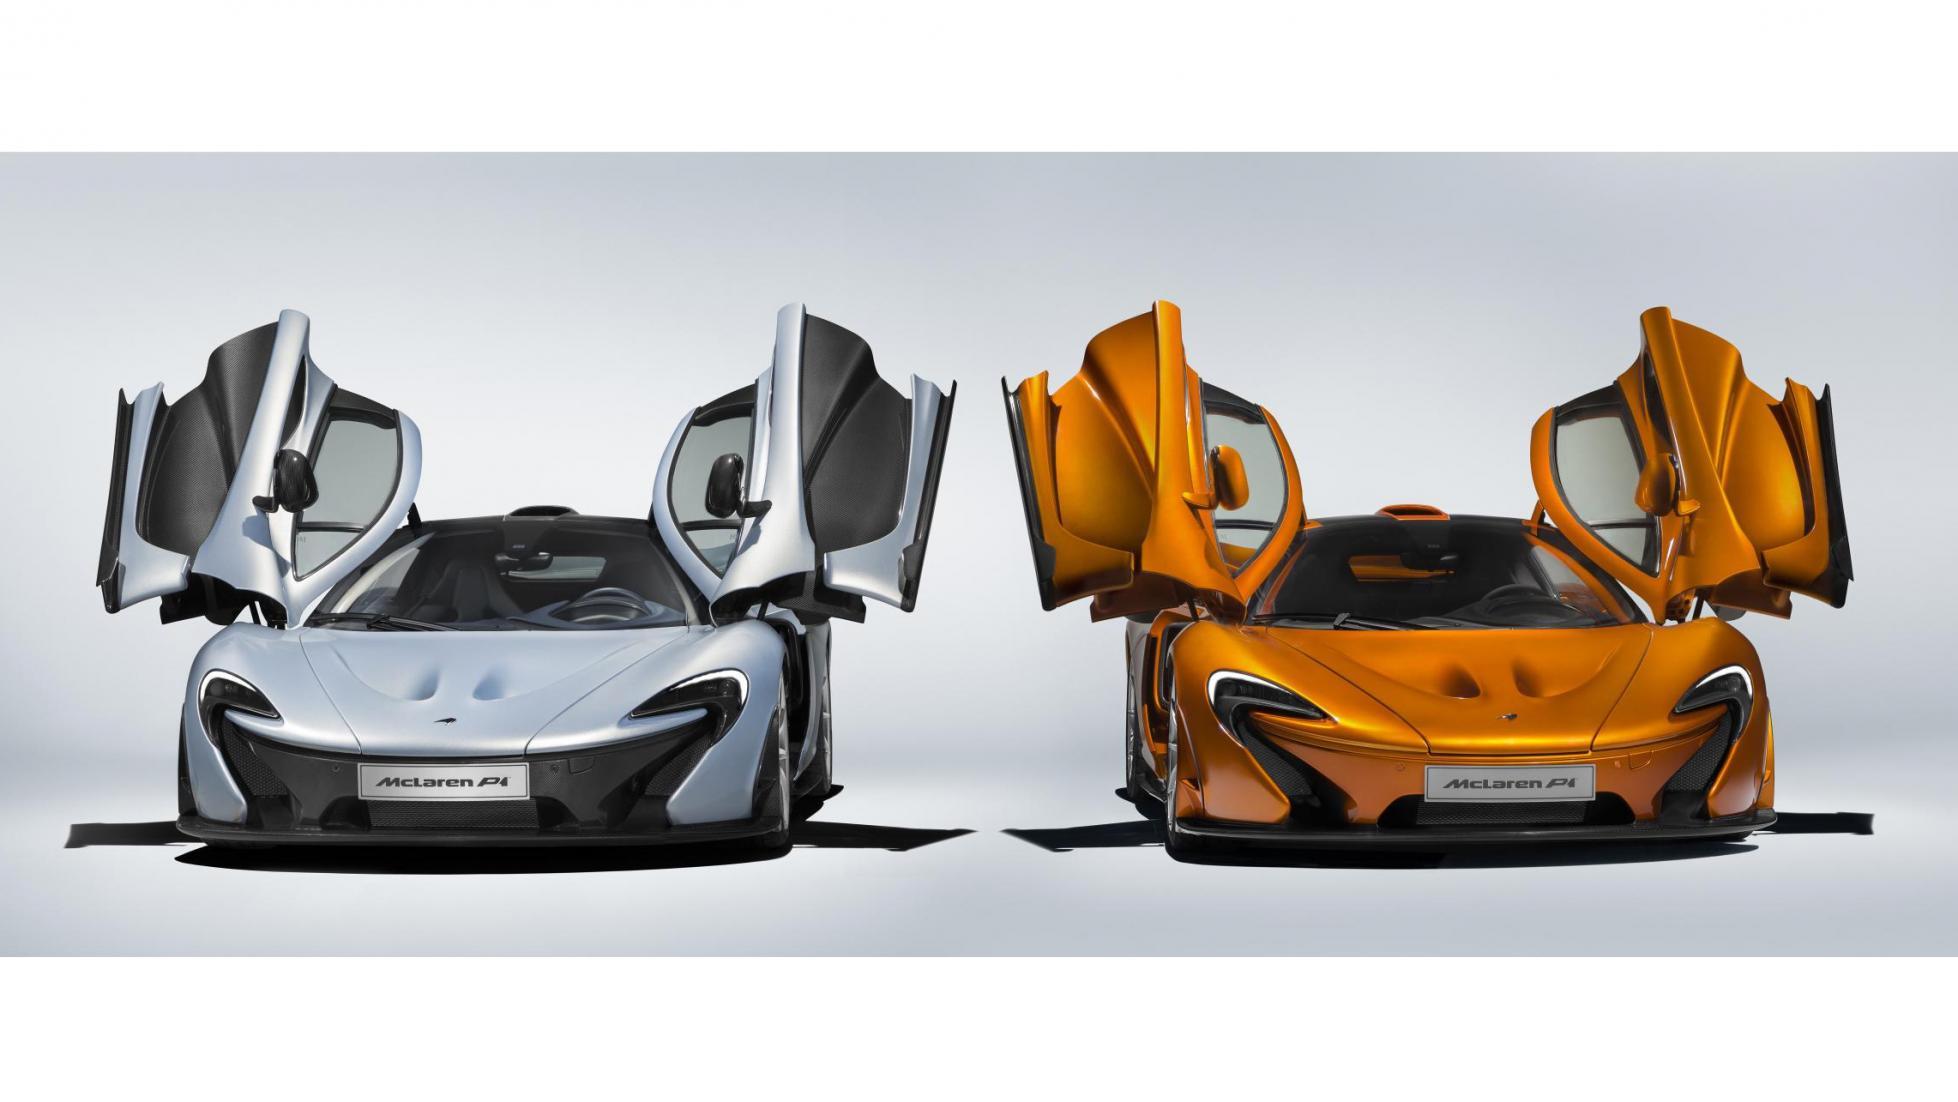 McLaren P1 - nº375 & nº1